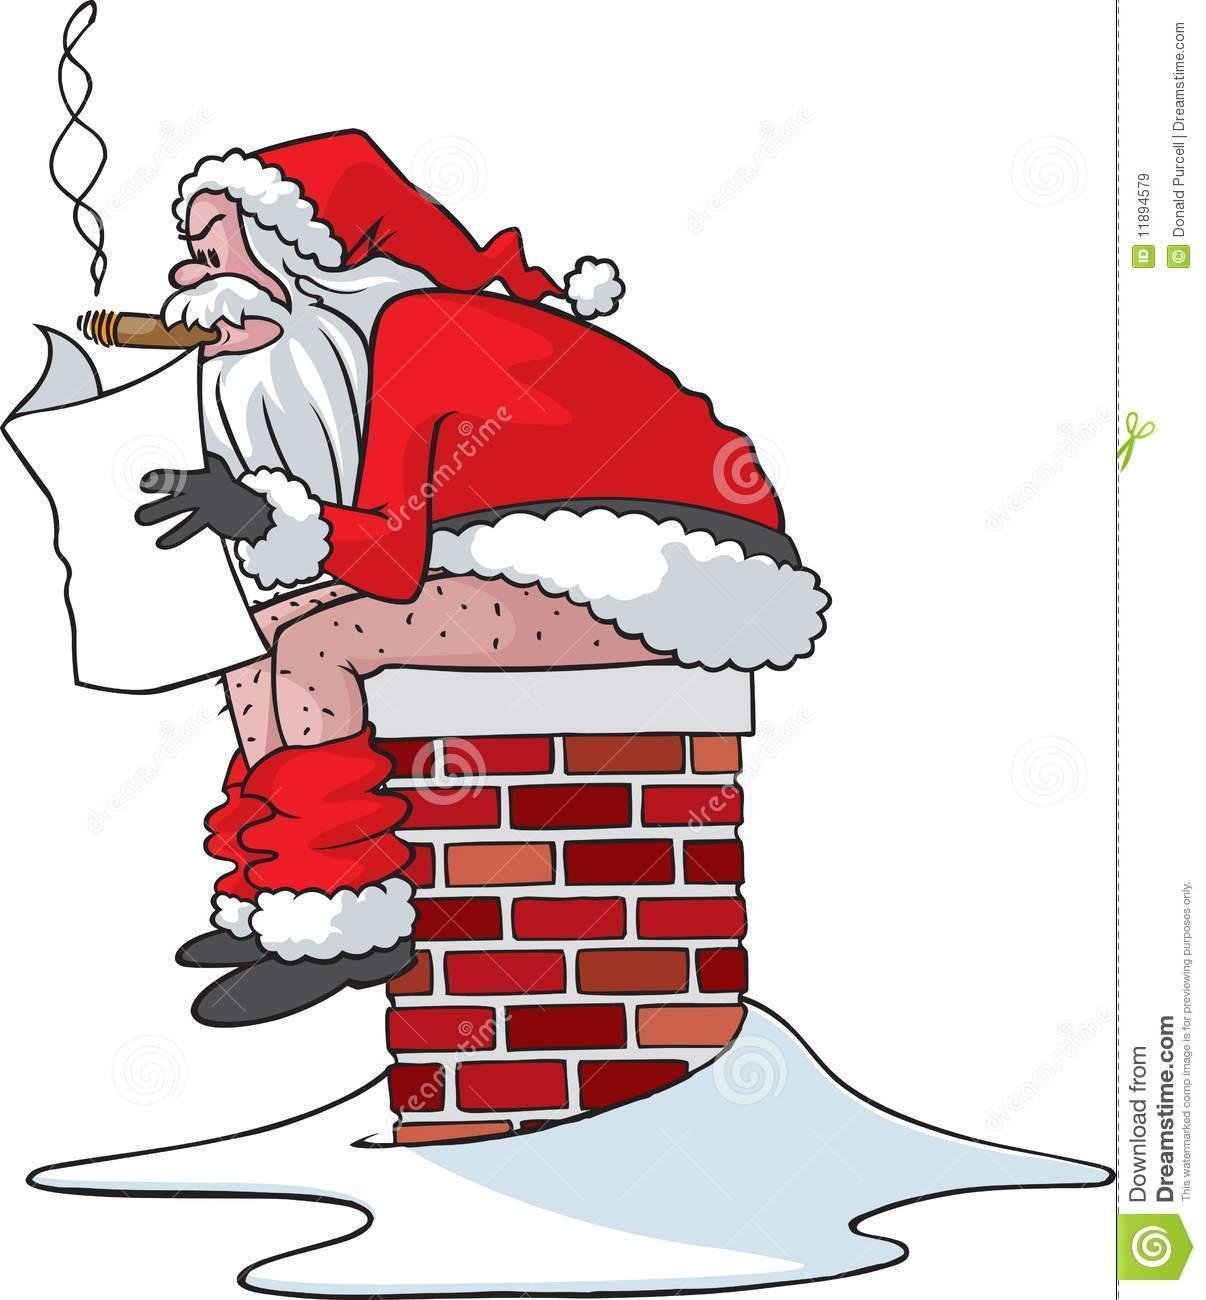 Bad santa clipart 1 » Clipart Portal.